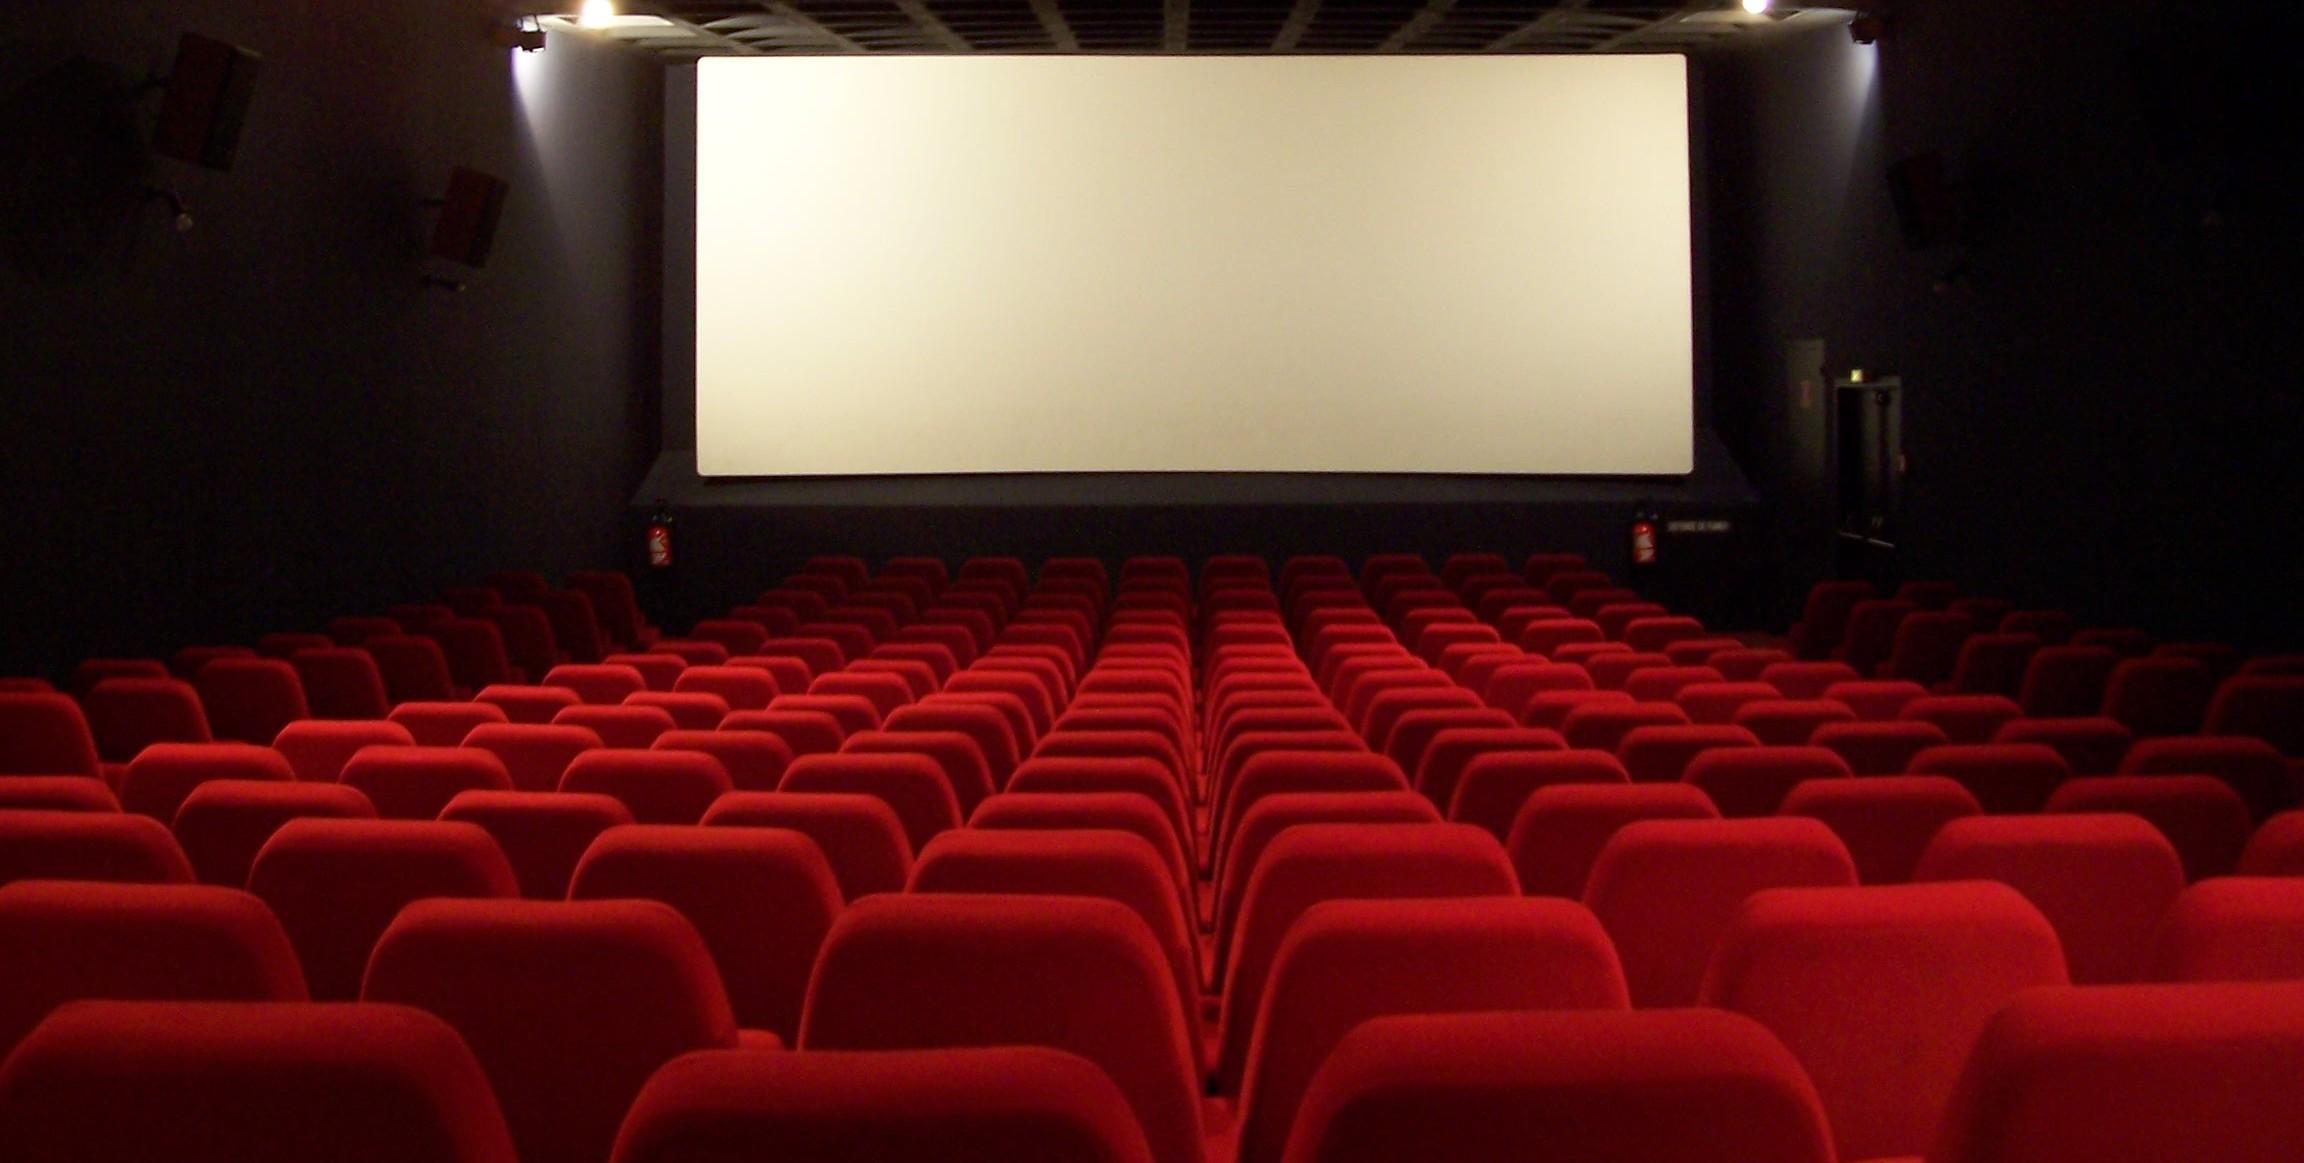 películas!